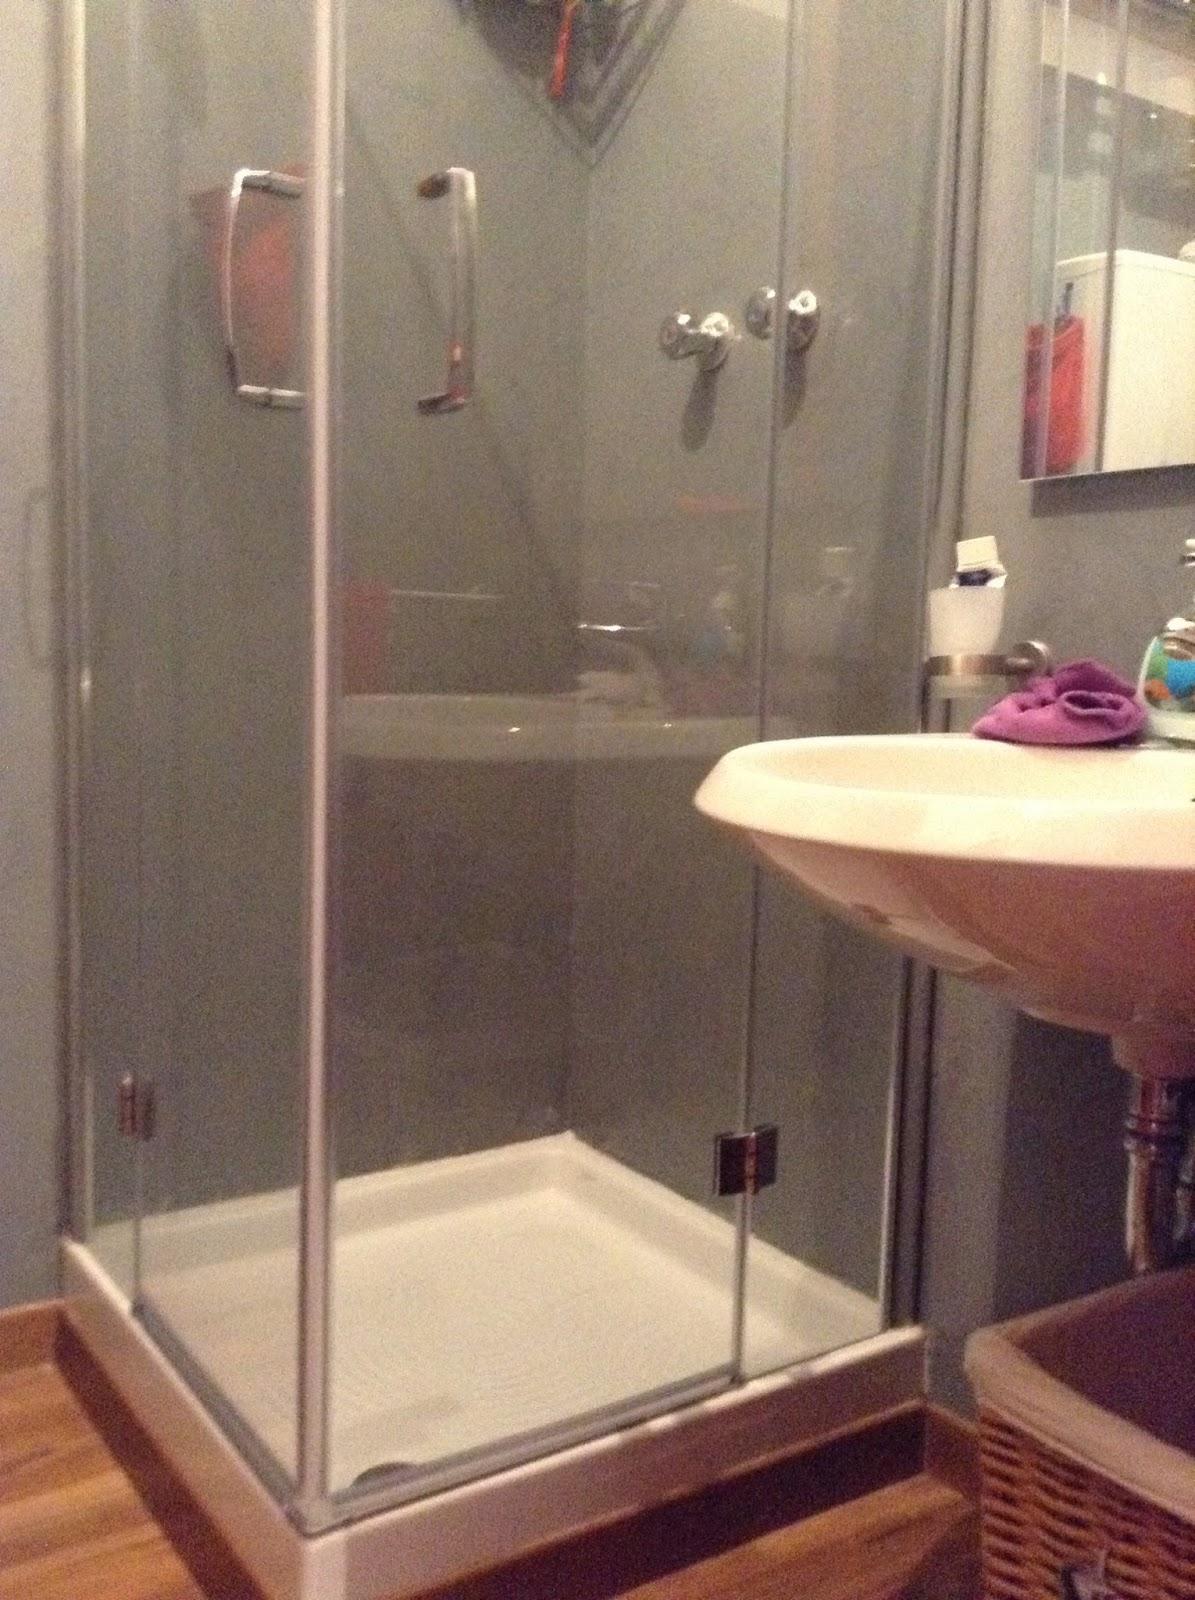 Coprire le piastrelle del bagno - Dipingere piastrelle bagno ...